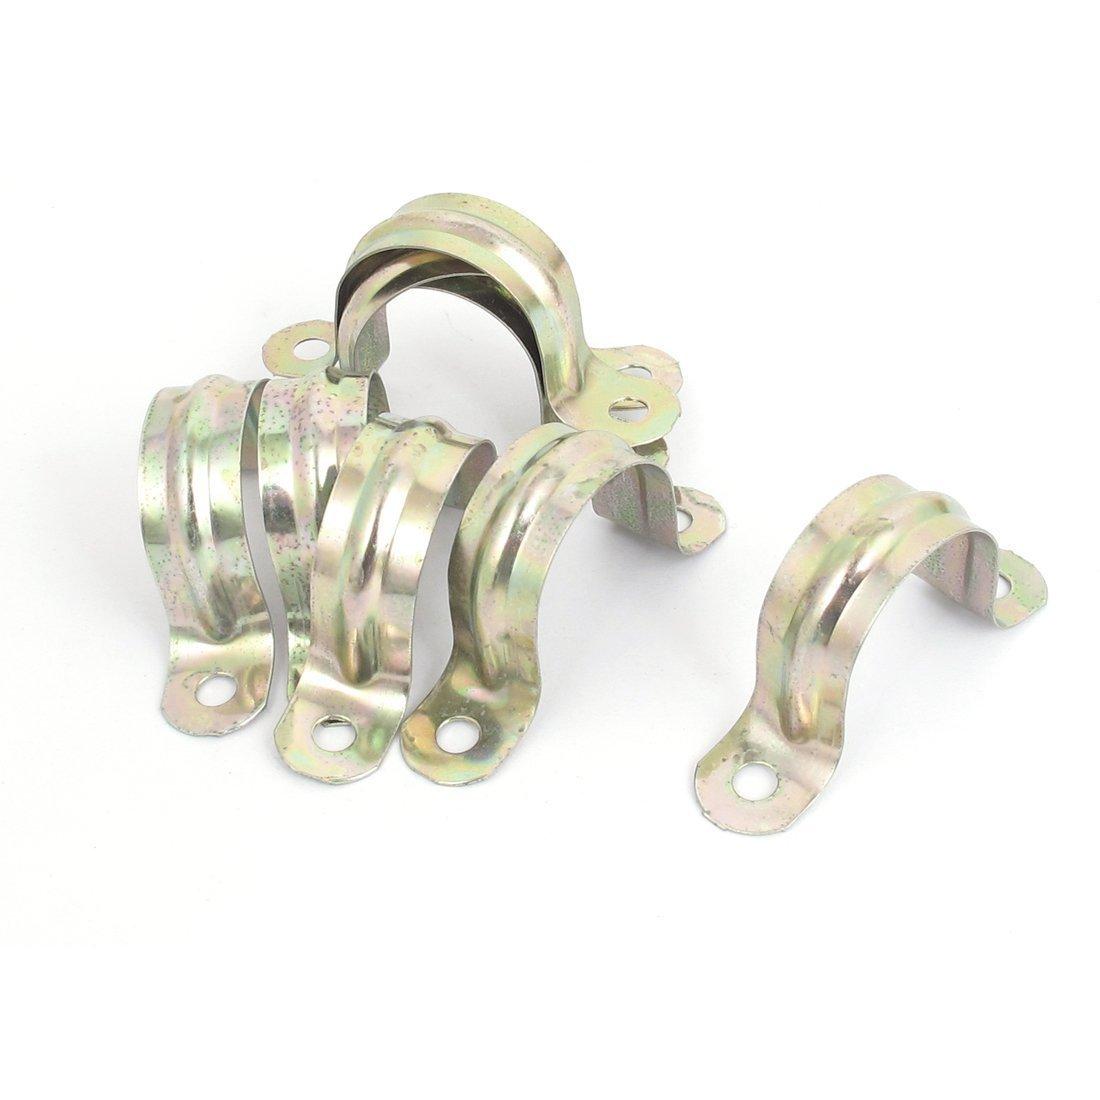 Uxcell 30 mm a15120400ux0235 vòm cao hai lỗ hình chữ U kẹp kẹp ống đồng sắc PCS 8.